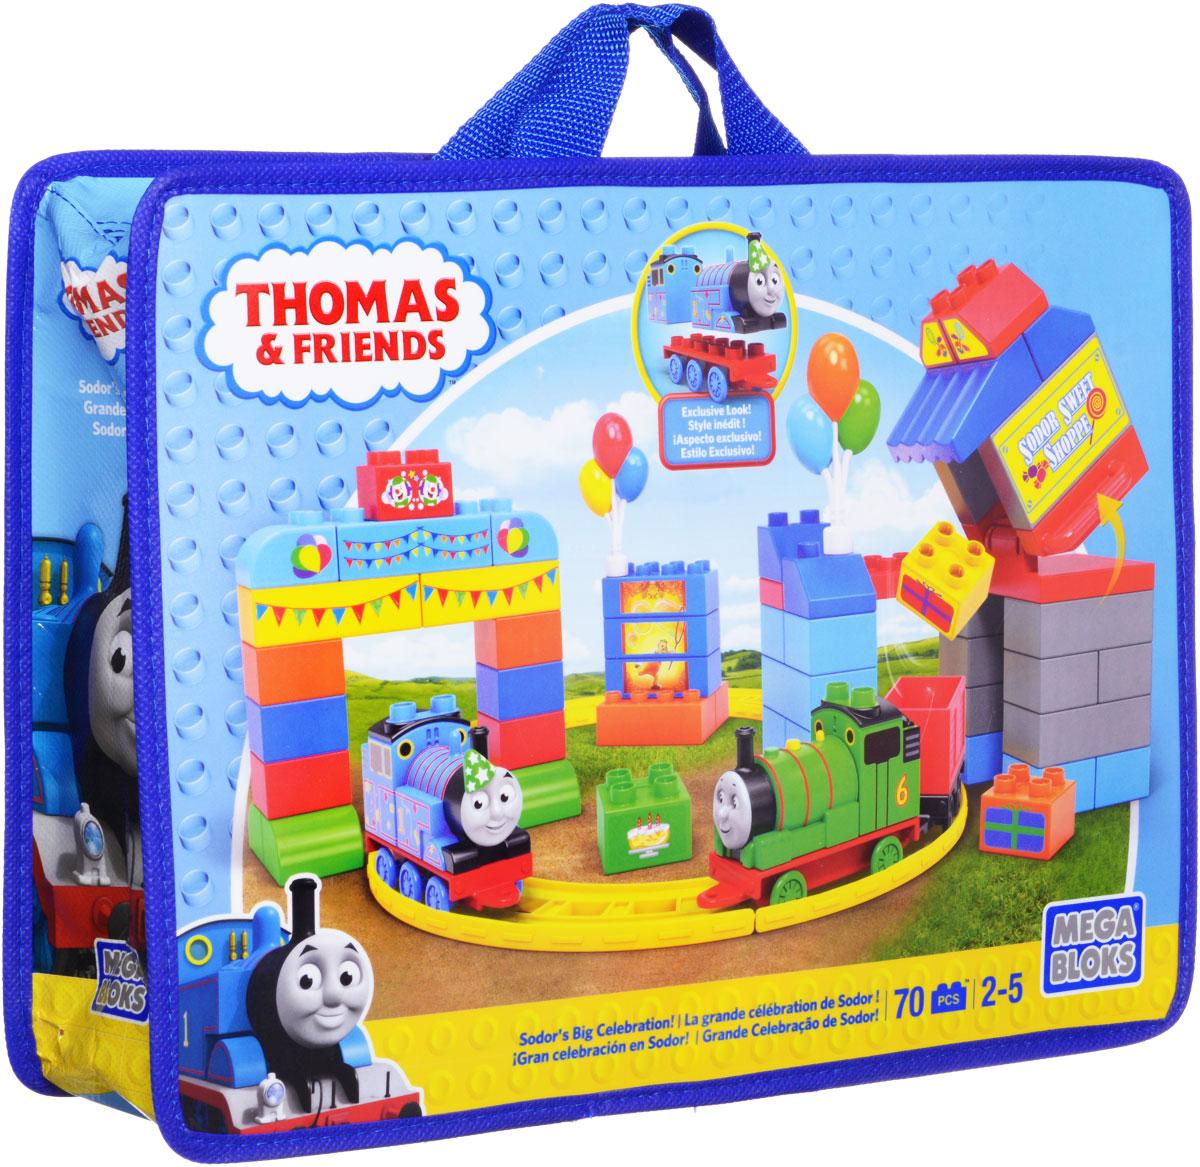 Mega Bloks Томас и друзья Конструктор День рождения ТомасаCNJ13Набор-конструктор Mega Bloks День рождения Томаса - это новый конструктор от канадского бренда Mega Bloks с популярным героем из мультсериала Томас и его друзья. В этом конструкторе 70 элементов, из которых собирается железная дорога, сам паровозик Томас и железнодорожная станция. Вы можете перестраивать конструктор любым образом: каким будет станция, зависит только от вашей фантазии. Кроме того, в комплект входят наклейки для украшения построек. Конструктор хранится в удобной сумке из экологически чистых материалов, которая входит в комплект.